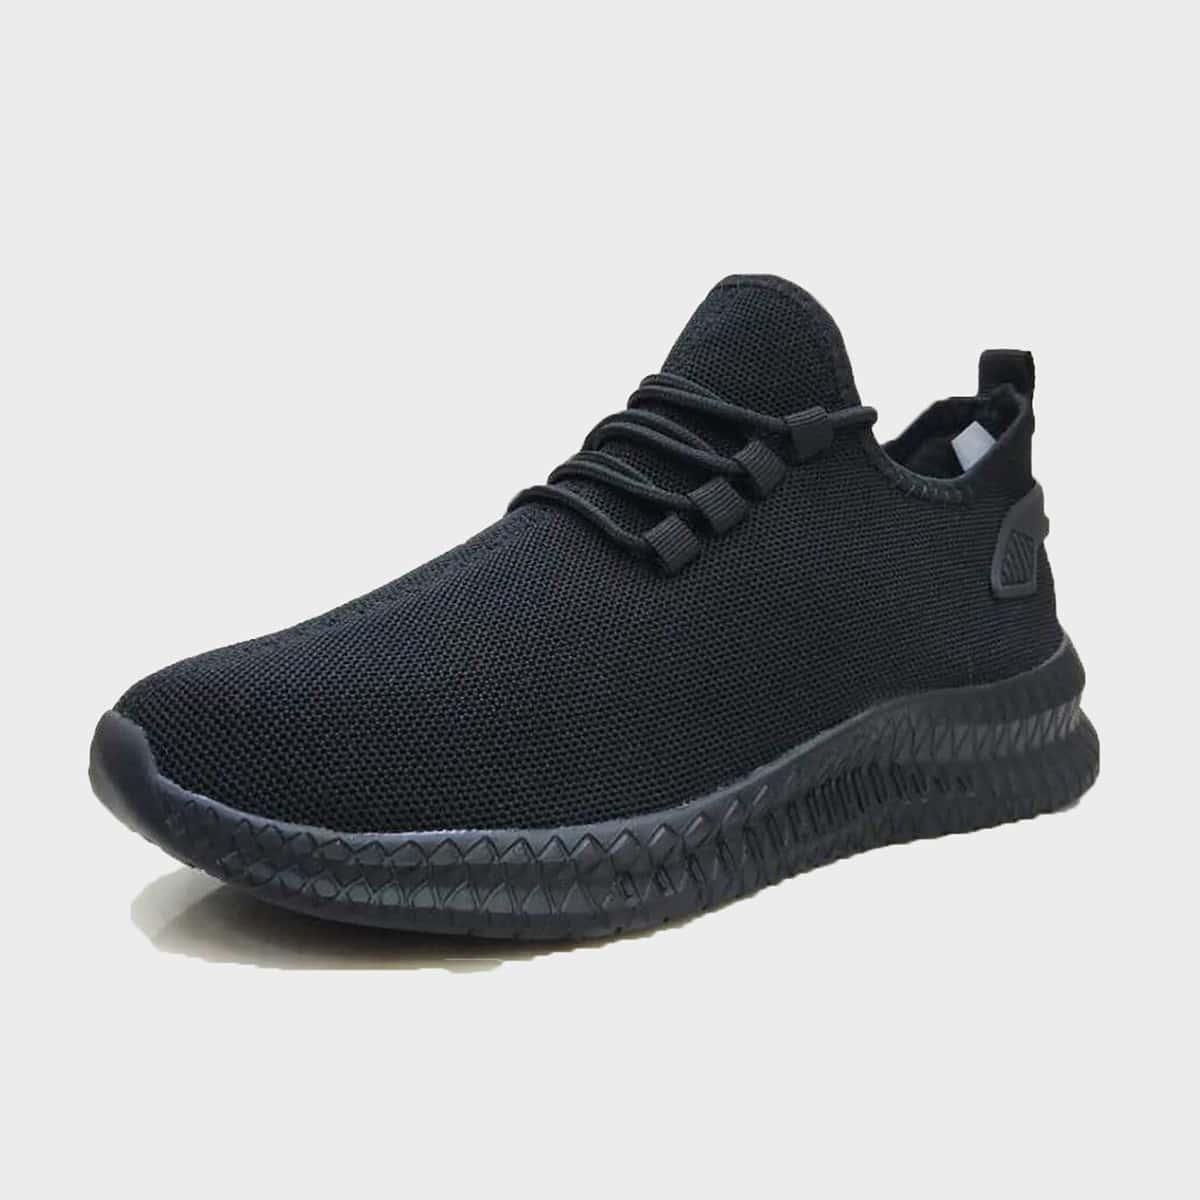 Мужские трикотажные кроссовки на шнурках